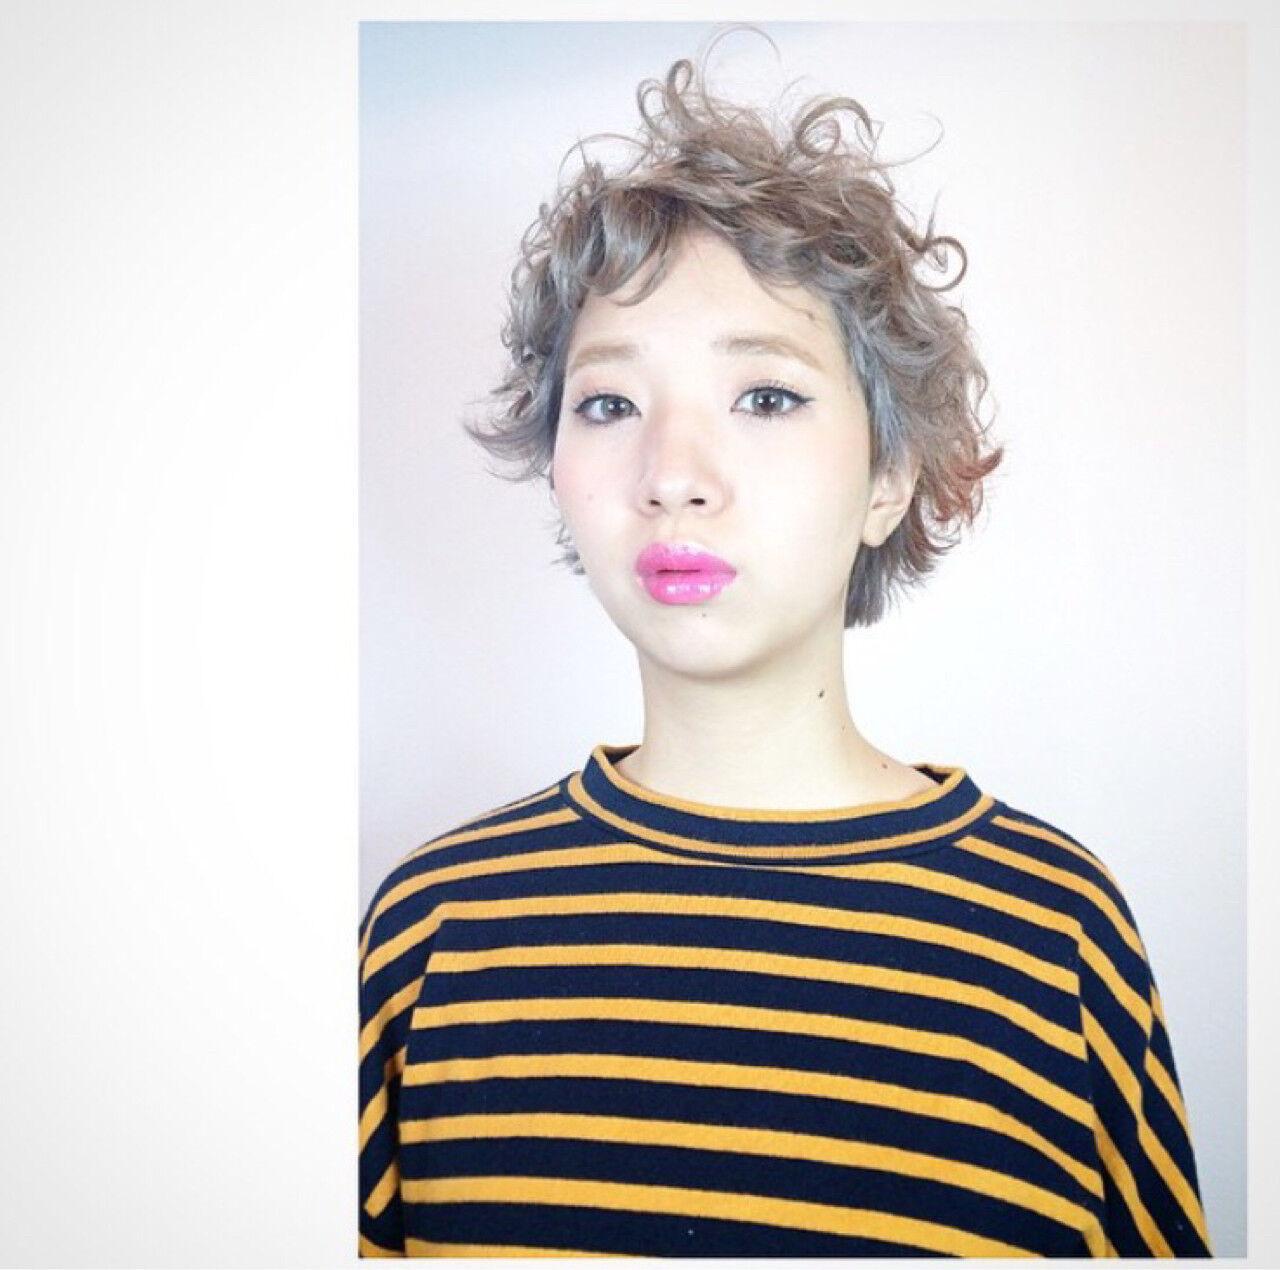 アッシュ ピュア ショート パーマヘアスタイルや髪型の写真・画像